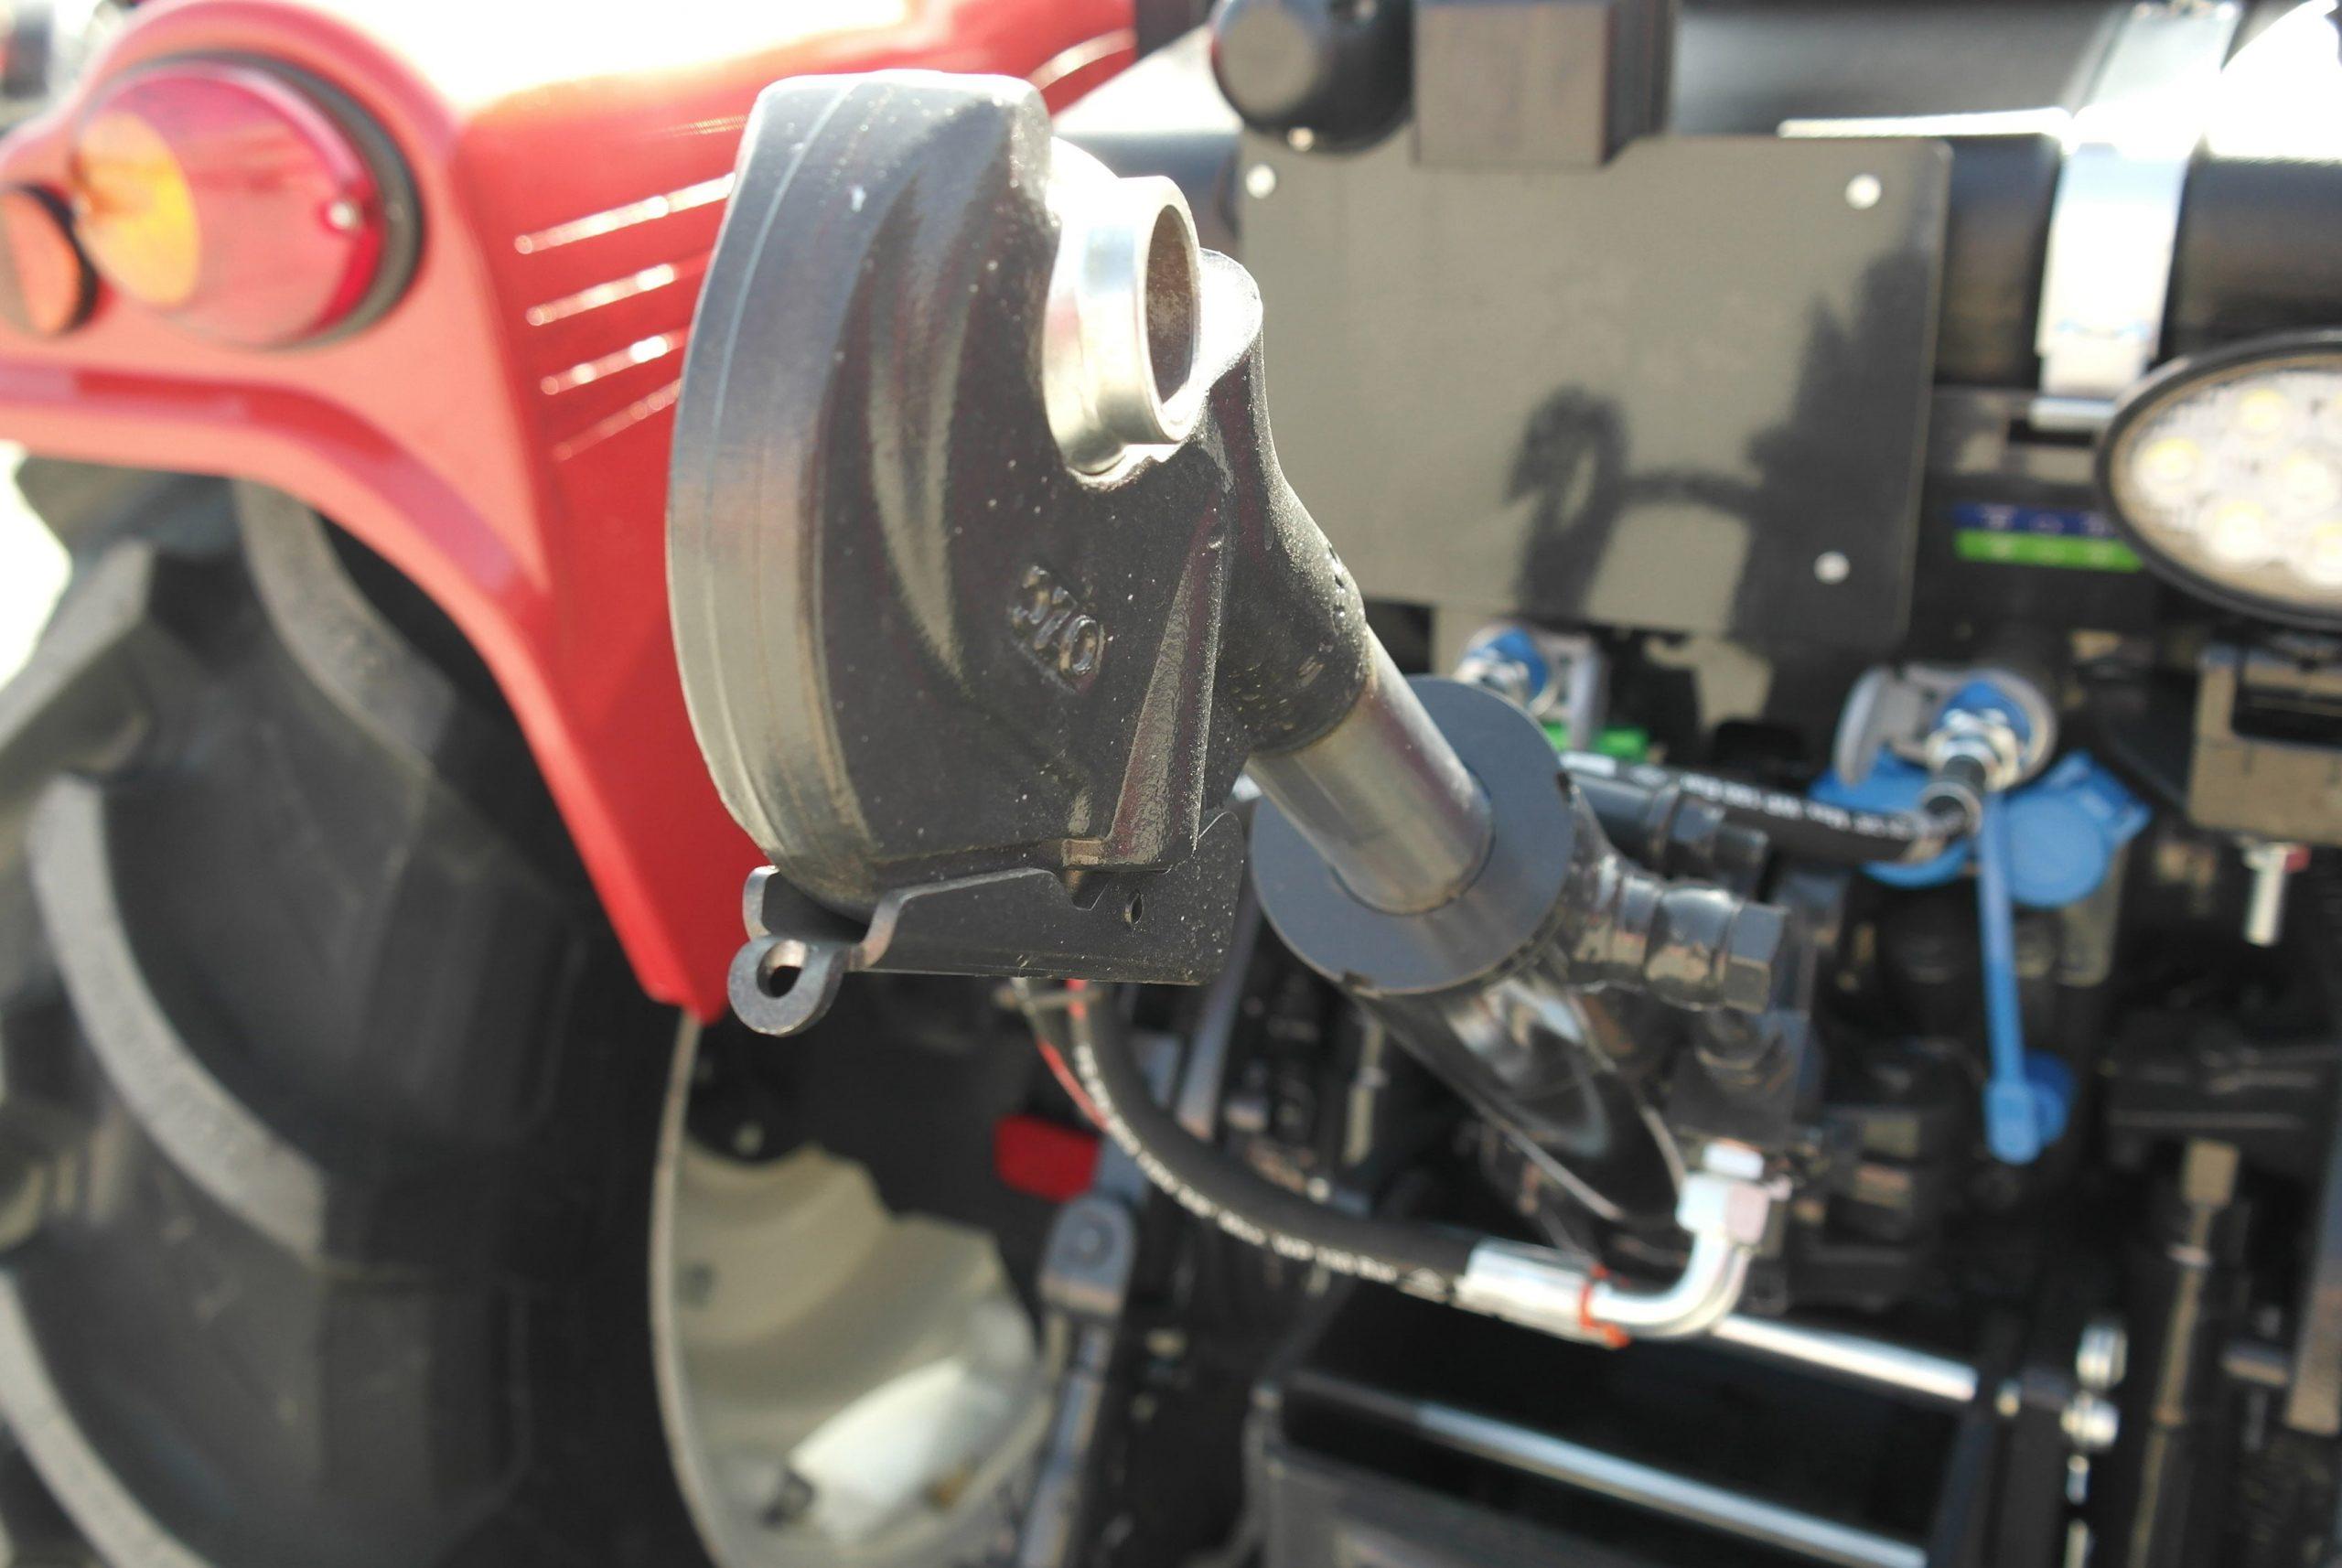 Kiymet95MLuks 4WD 10 scaled https://huglero.com/2020-en-iyi-bahce-traktoru/ En iyi bahçe traktörü hangisi seçebilmek hele bu konuda tavsiye vermek oldukça güç. Sadece küçük bir traktör için değil, başka bir aracı seçmek için de öncelikle ihtiyacın ne olduğunun belirlenmesi ve aracın özelliklerinin ona göre seçilmesi gerektiği elbette malum. Traktörler de özelliklerine göre çeşit çeşit farklı yapıdalar ve genellikle tarla tipi ve bahçe tipi traktör olarak ayrılıyorlar. Peki Türkiye'de 2020 yılında seçebileceğimiz en iyi bahçe traktörleri hangileri?